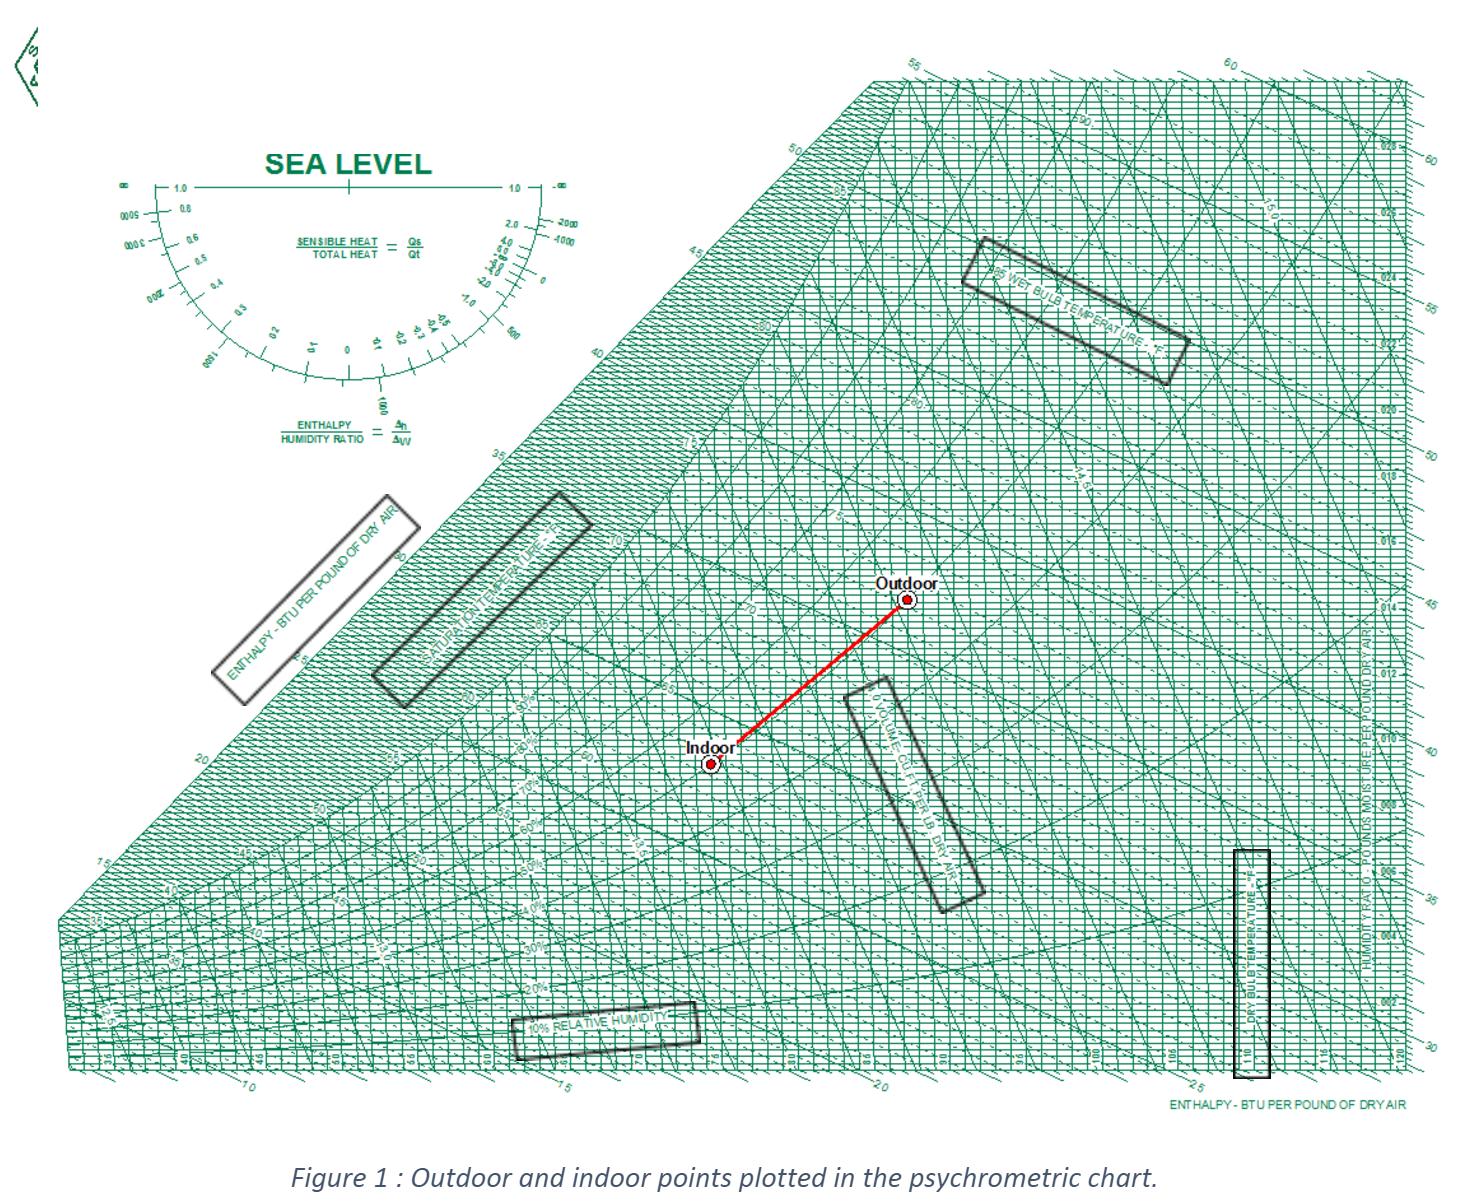 How do you calculate the heat (Btu/hr) in an airstream